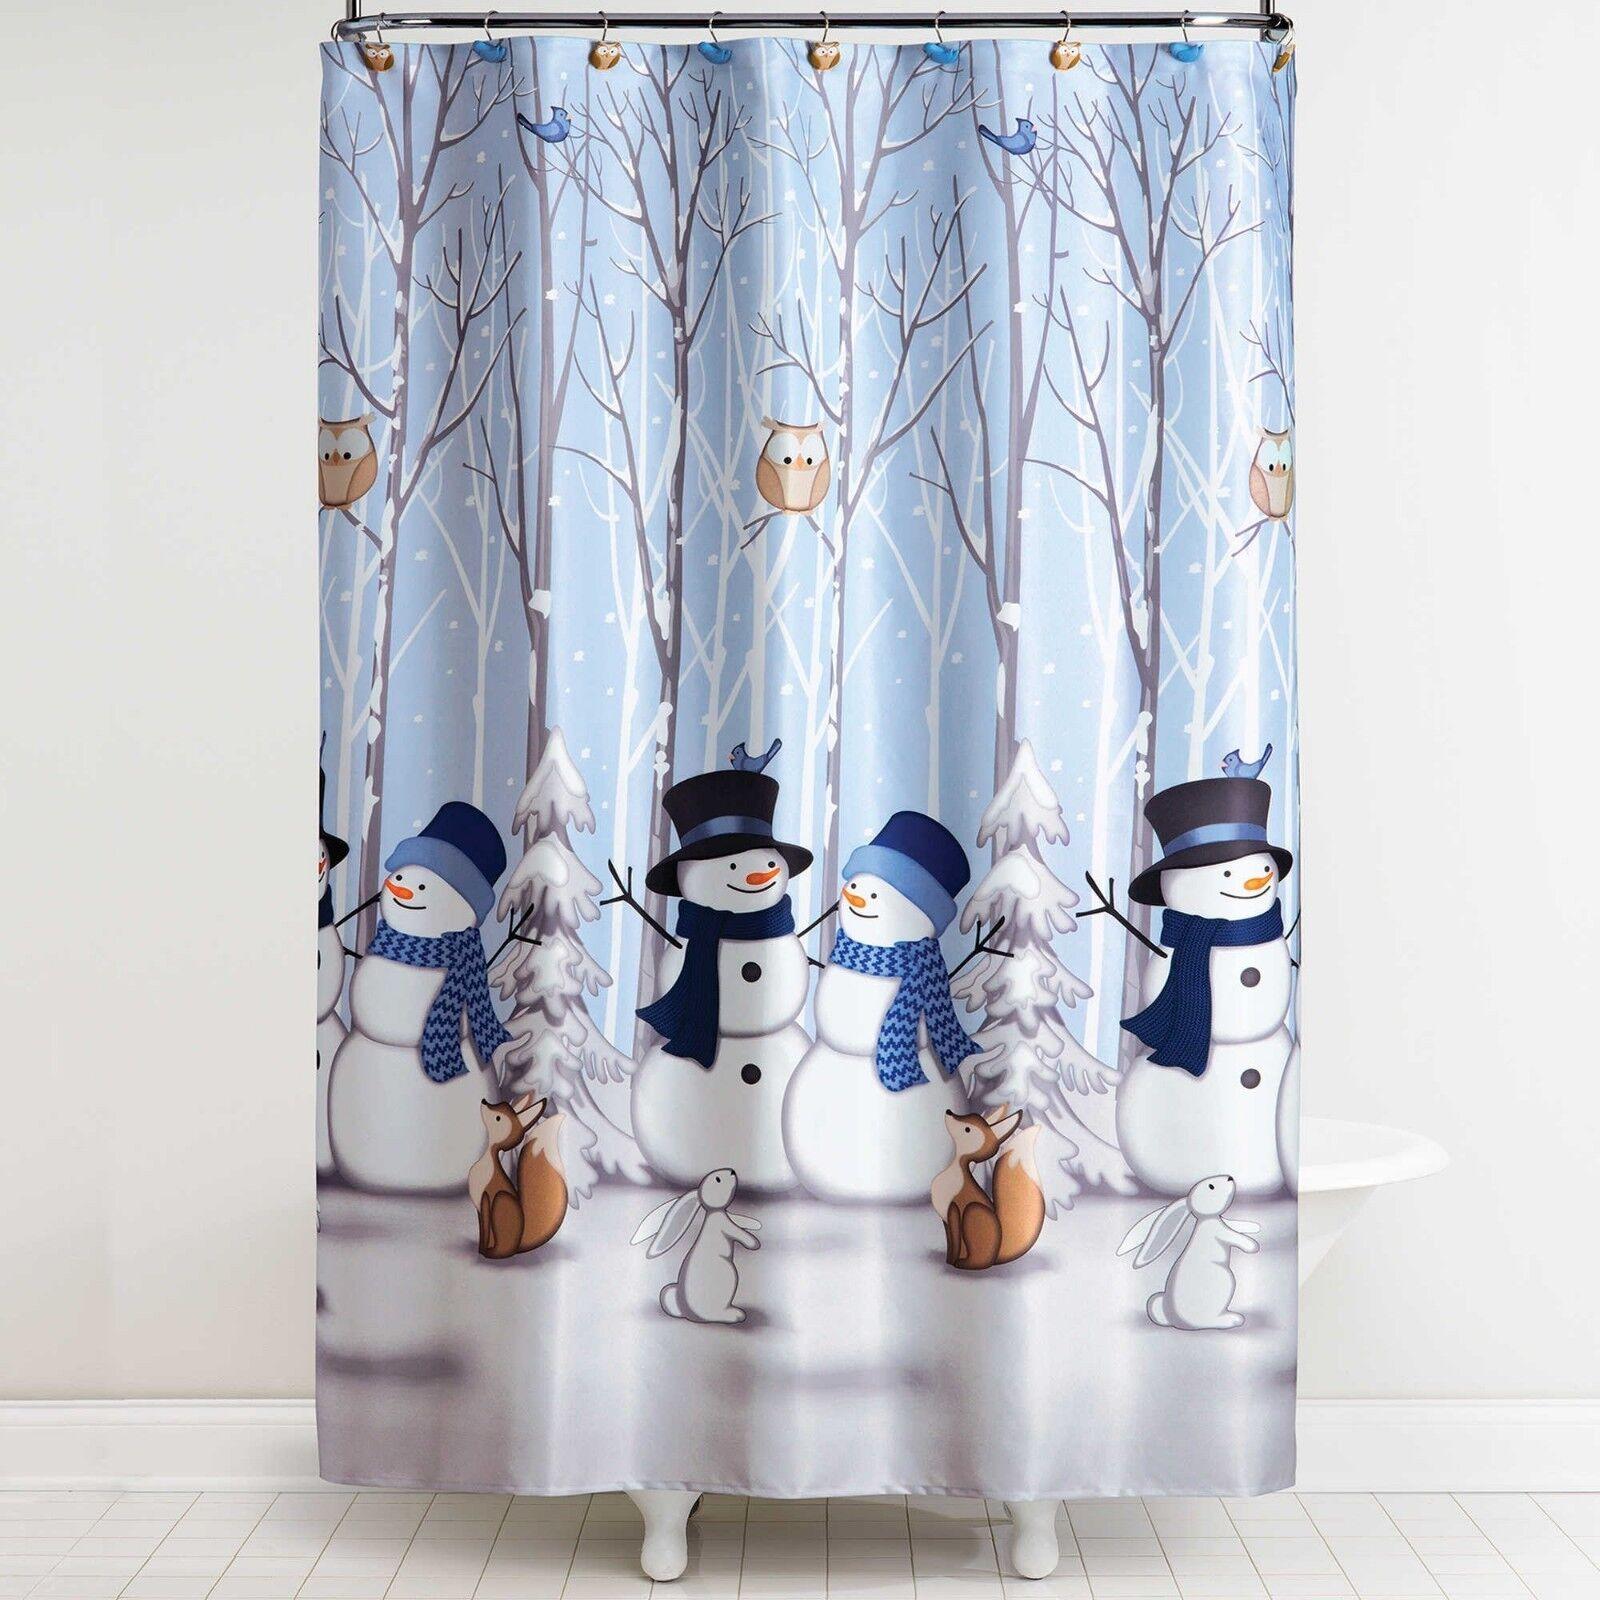 Bed Bath Beyond Winter Holiday Snowman Friends Owl Bird Shower Curtain Hooks